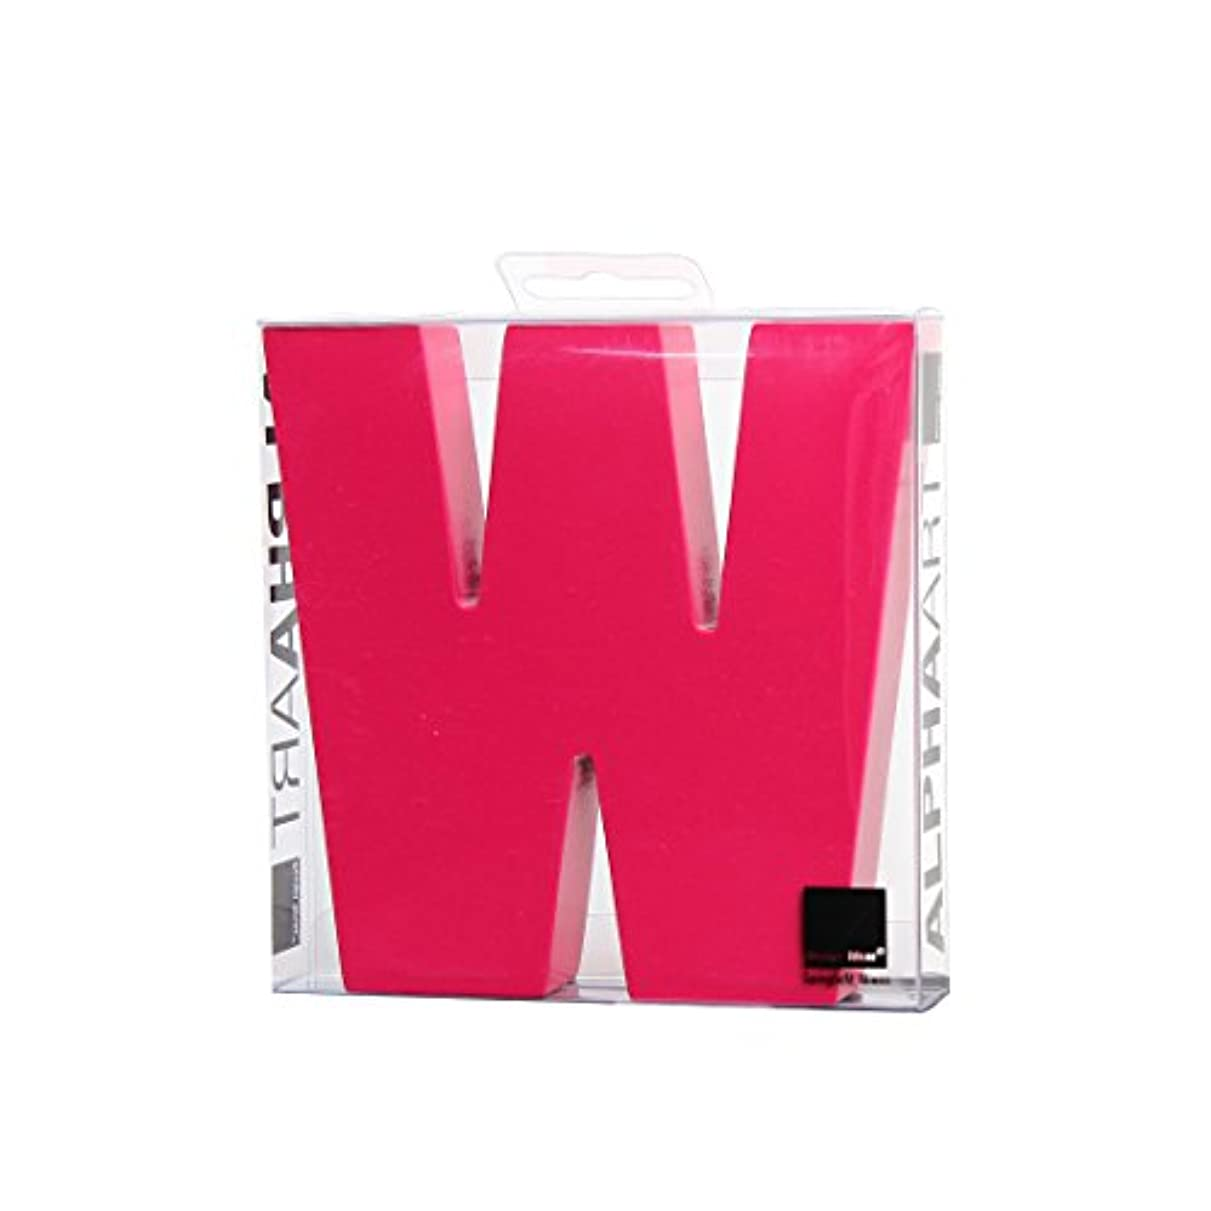 目の前のキャップ愛されし者カメヤマキャンドルハウス アルファベットブロック カラフル  アルファアートラージW 「 ピンク 」